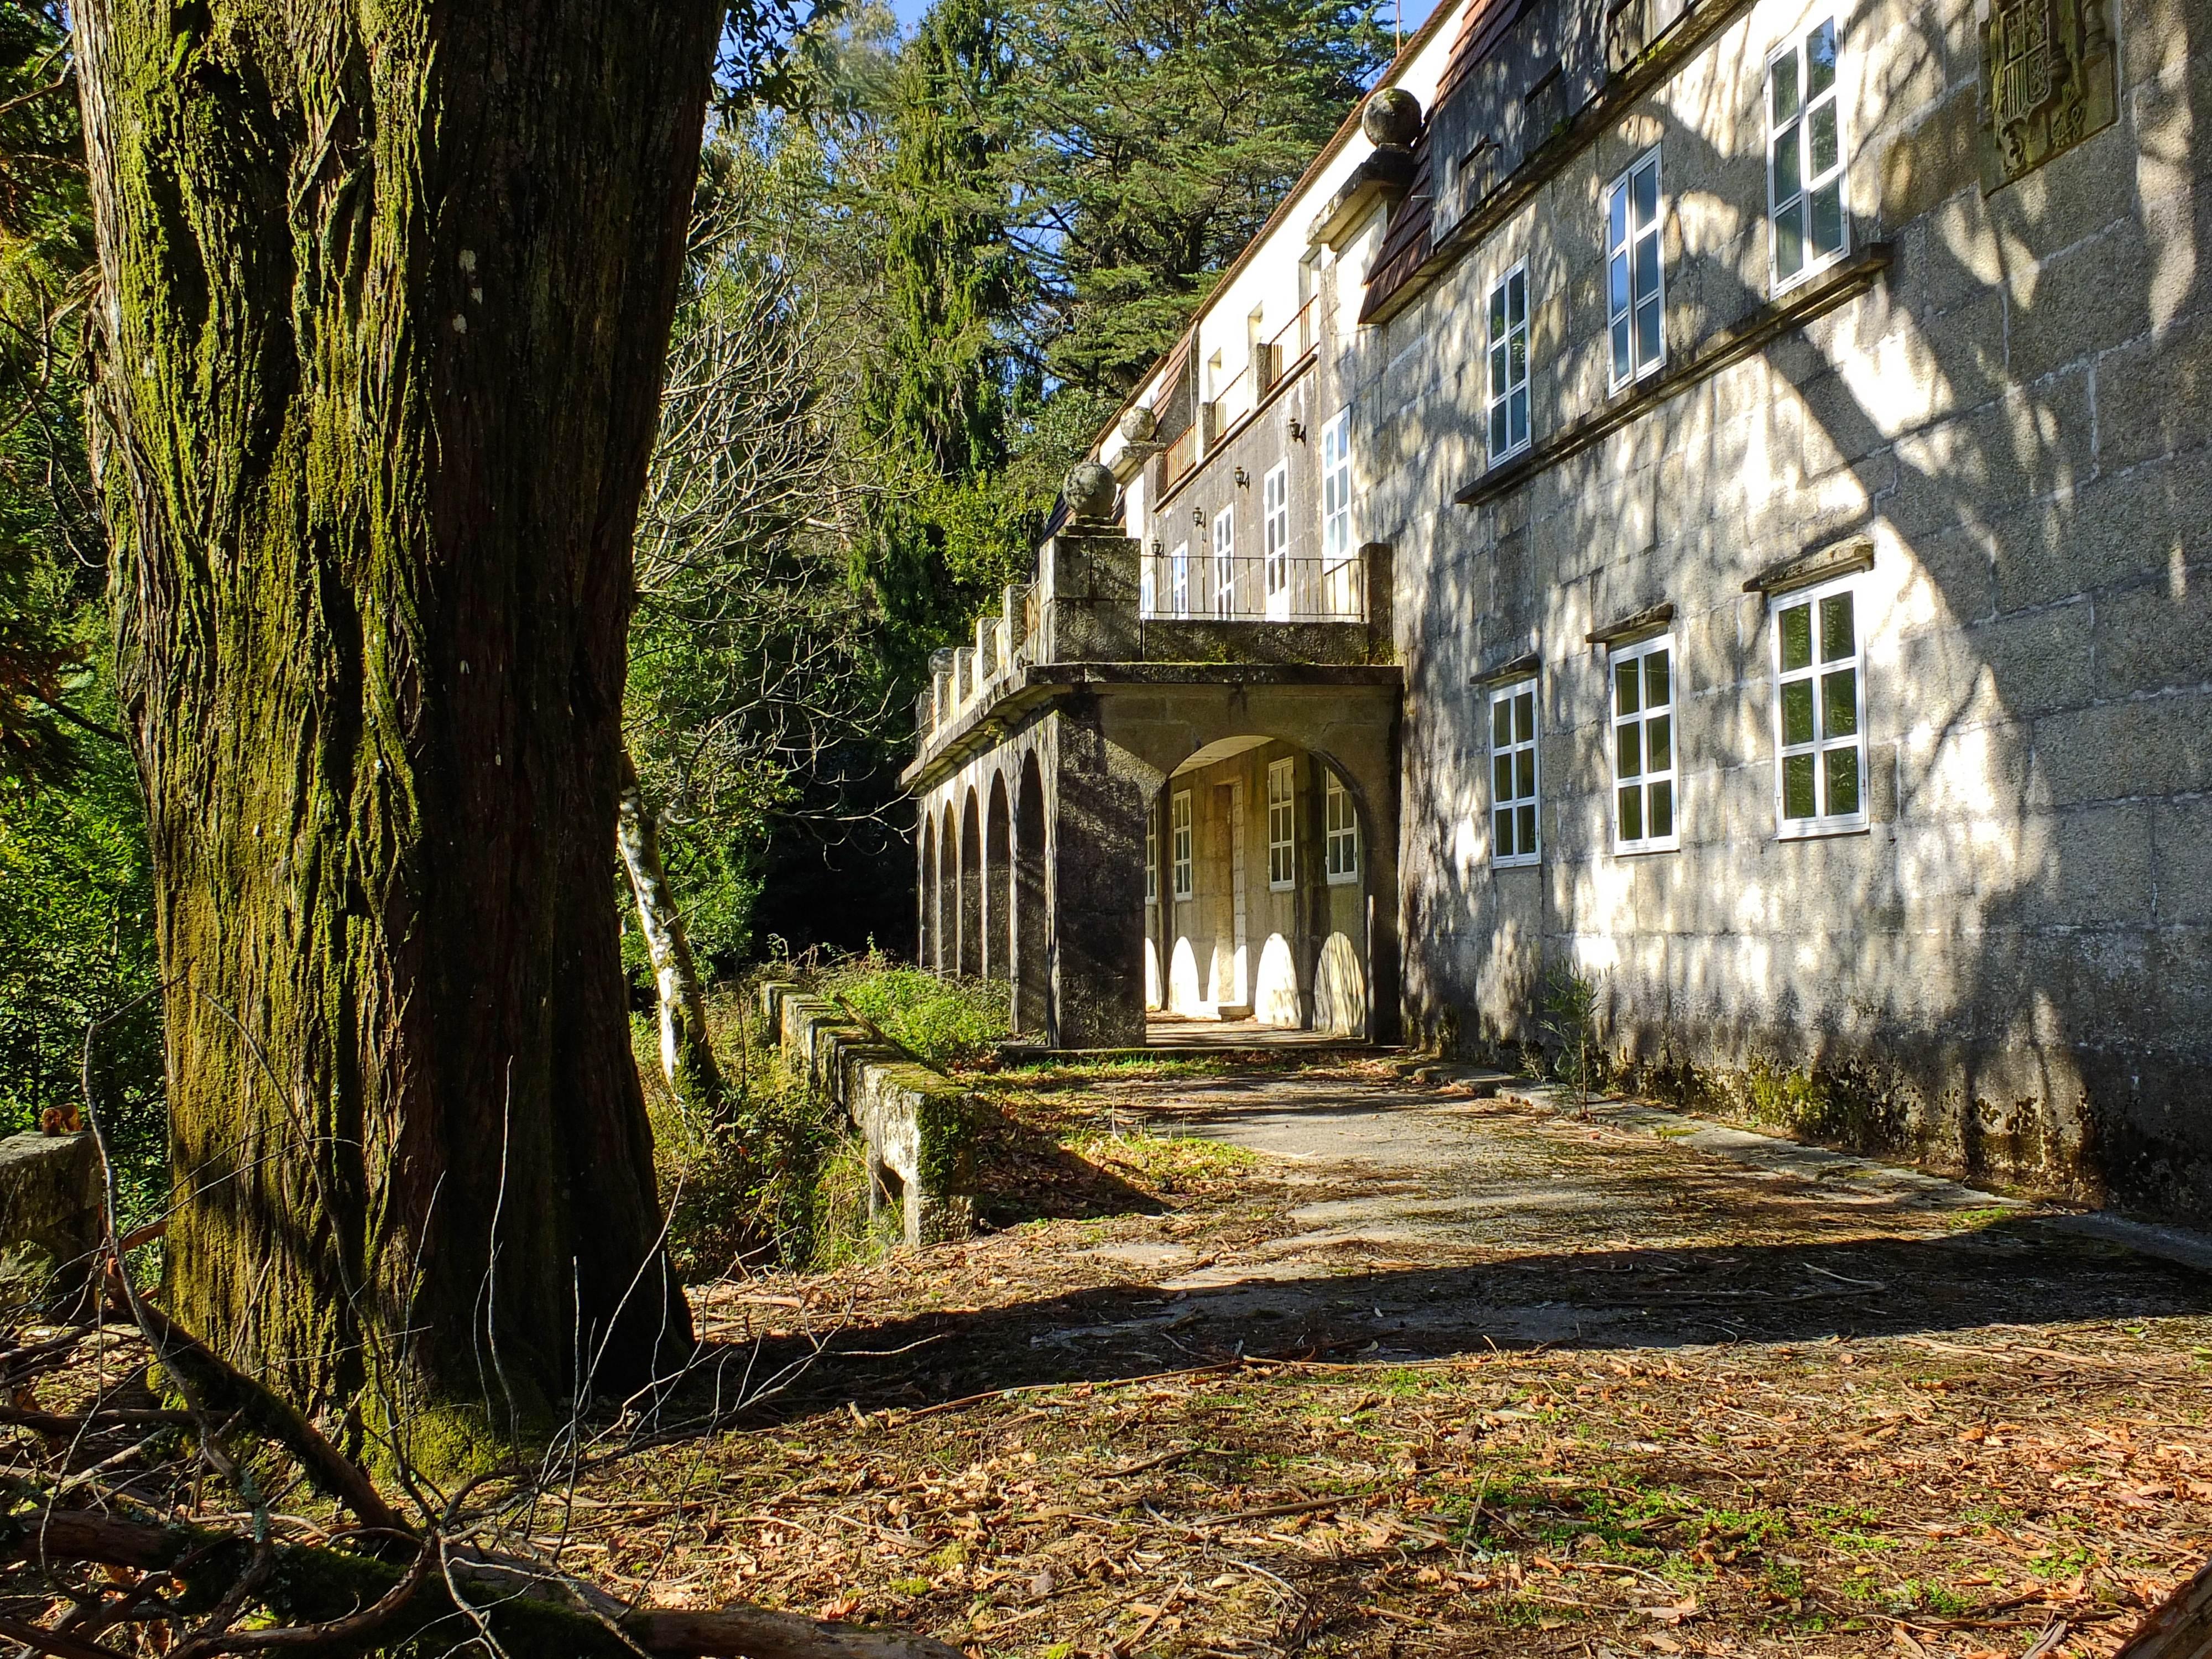 Casas de madera pontevedra latest en a caiza pontevedra hay un lugar de piedra madera y hierro - Casas de madera pontevedra ...